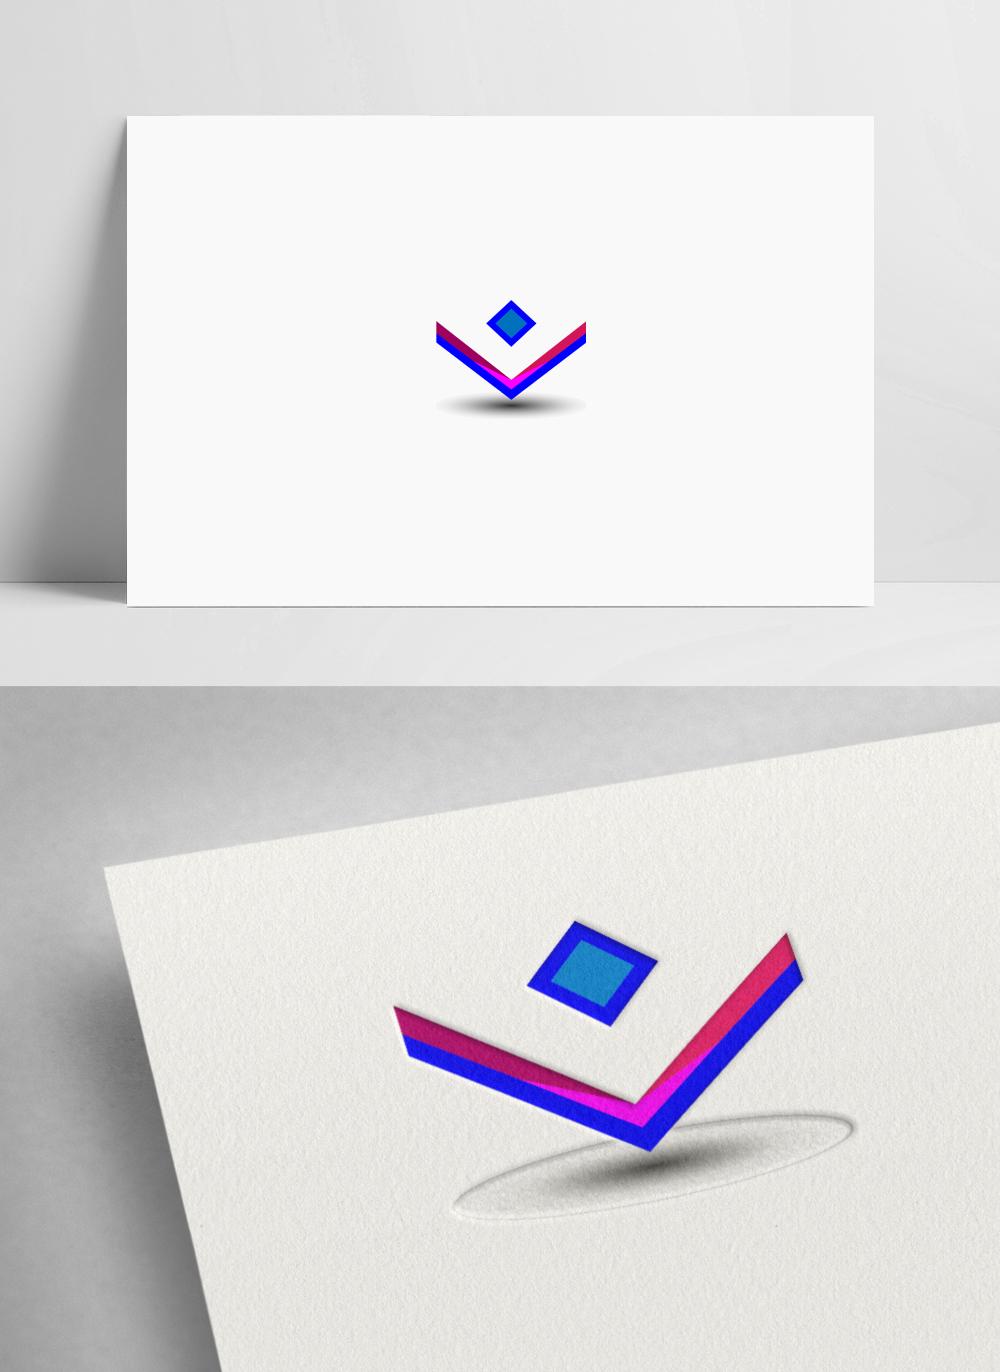 земного как переместить логотип с картинки рядом ним